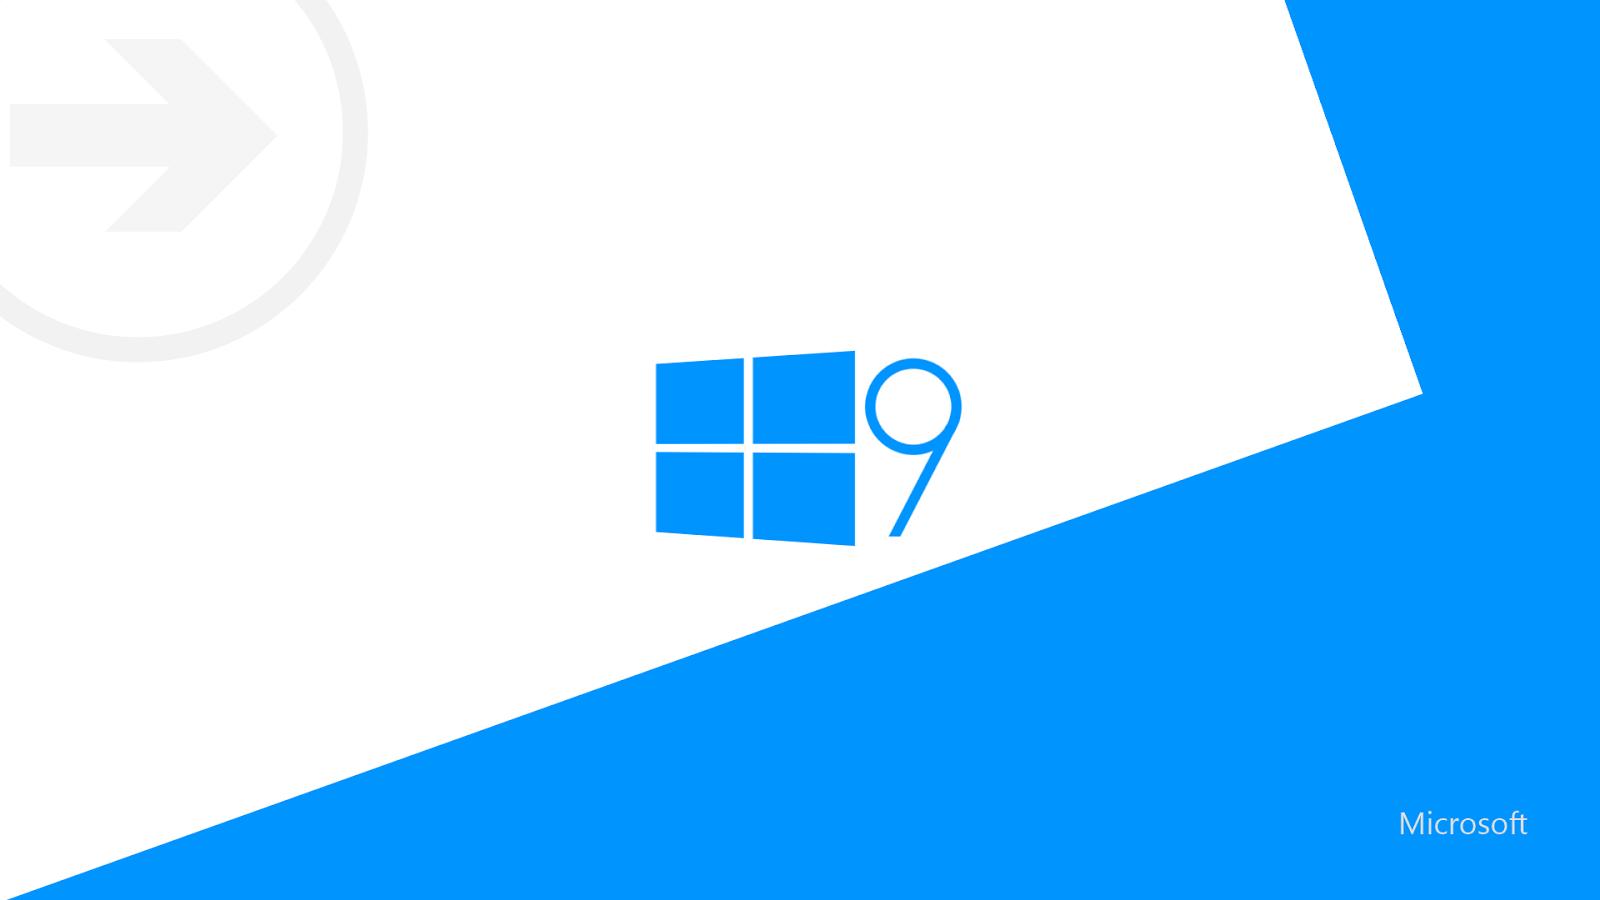 Windows 10: changement de nom officiel pour la sortie prévu dans quelques mois